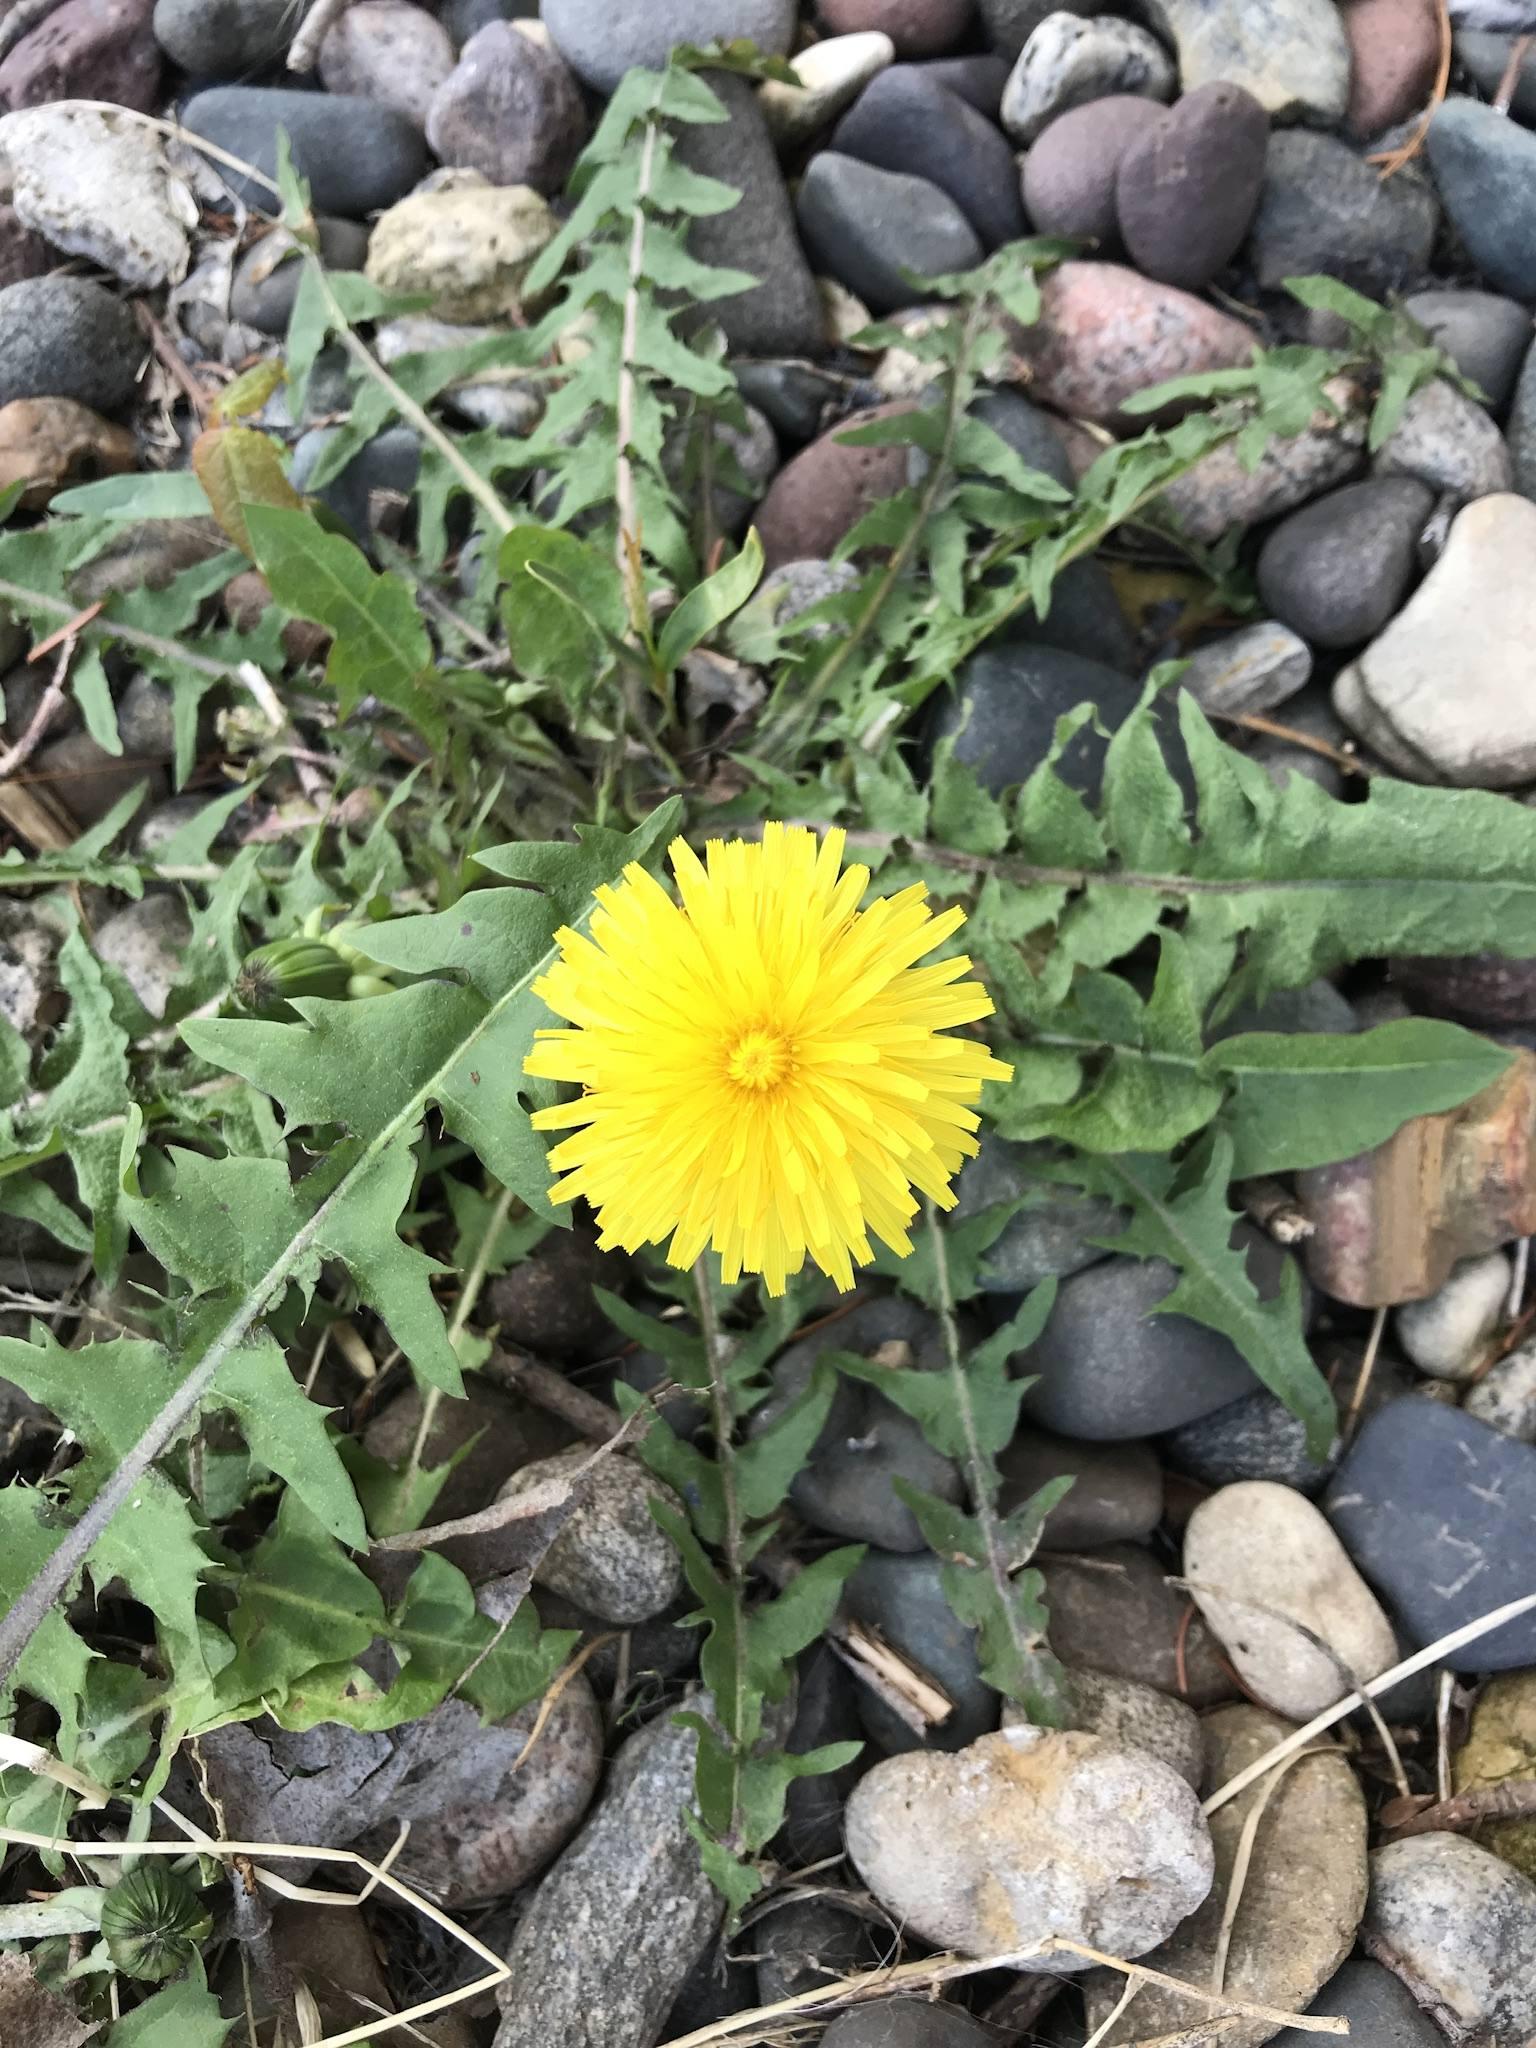 flowerchild65 (@flowerchild65)